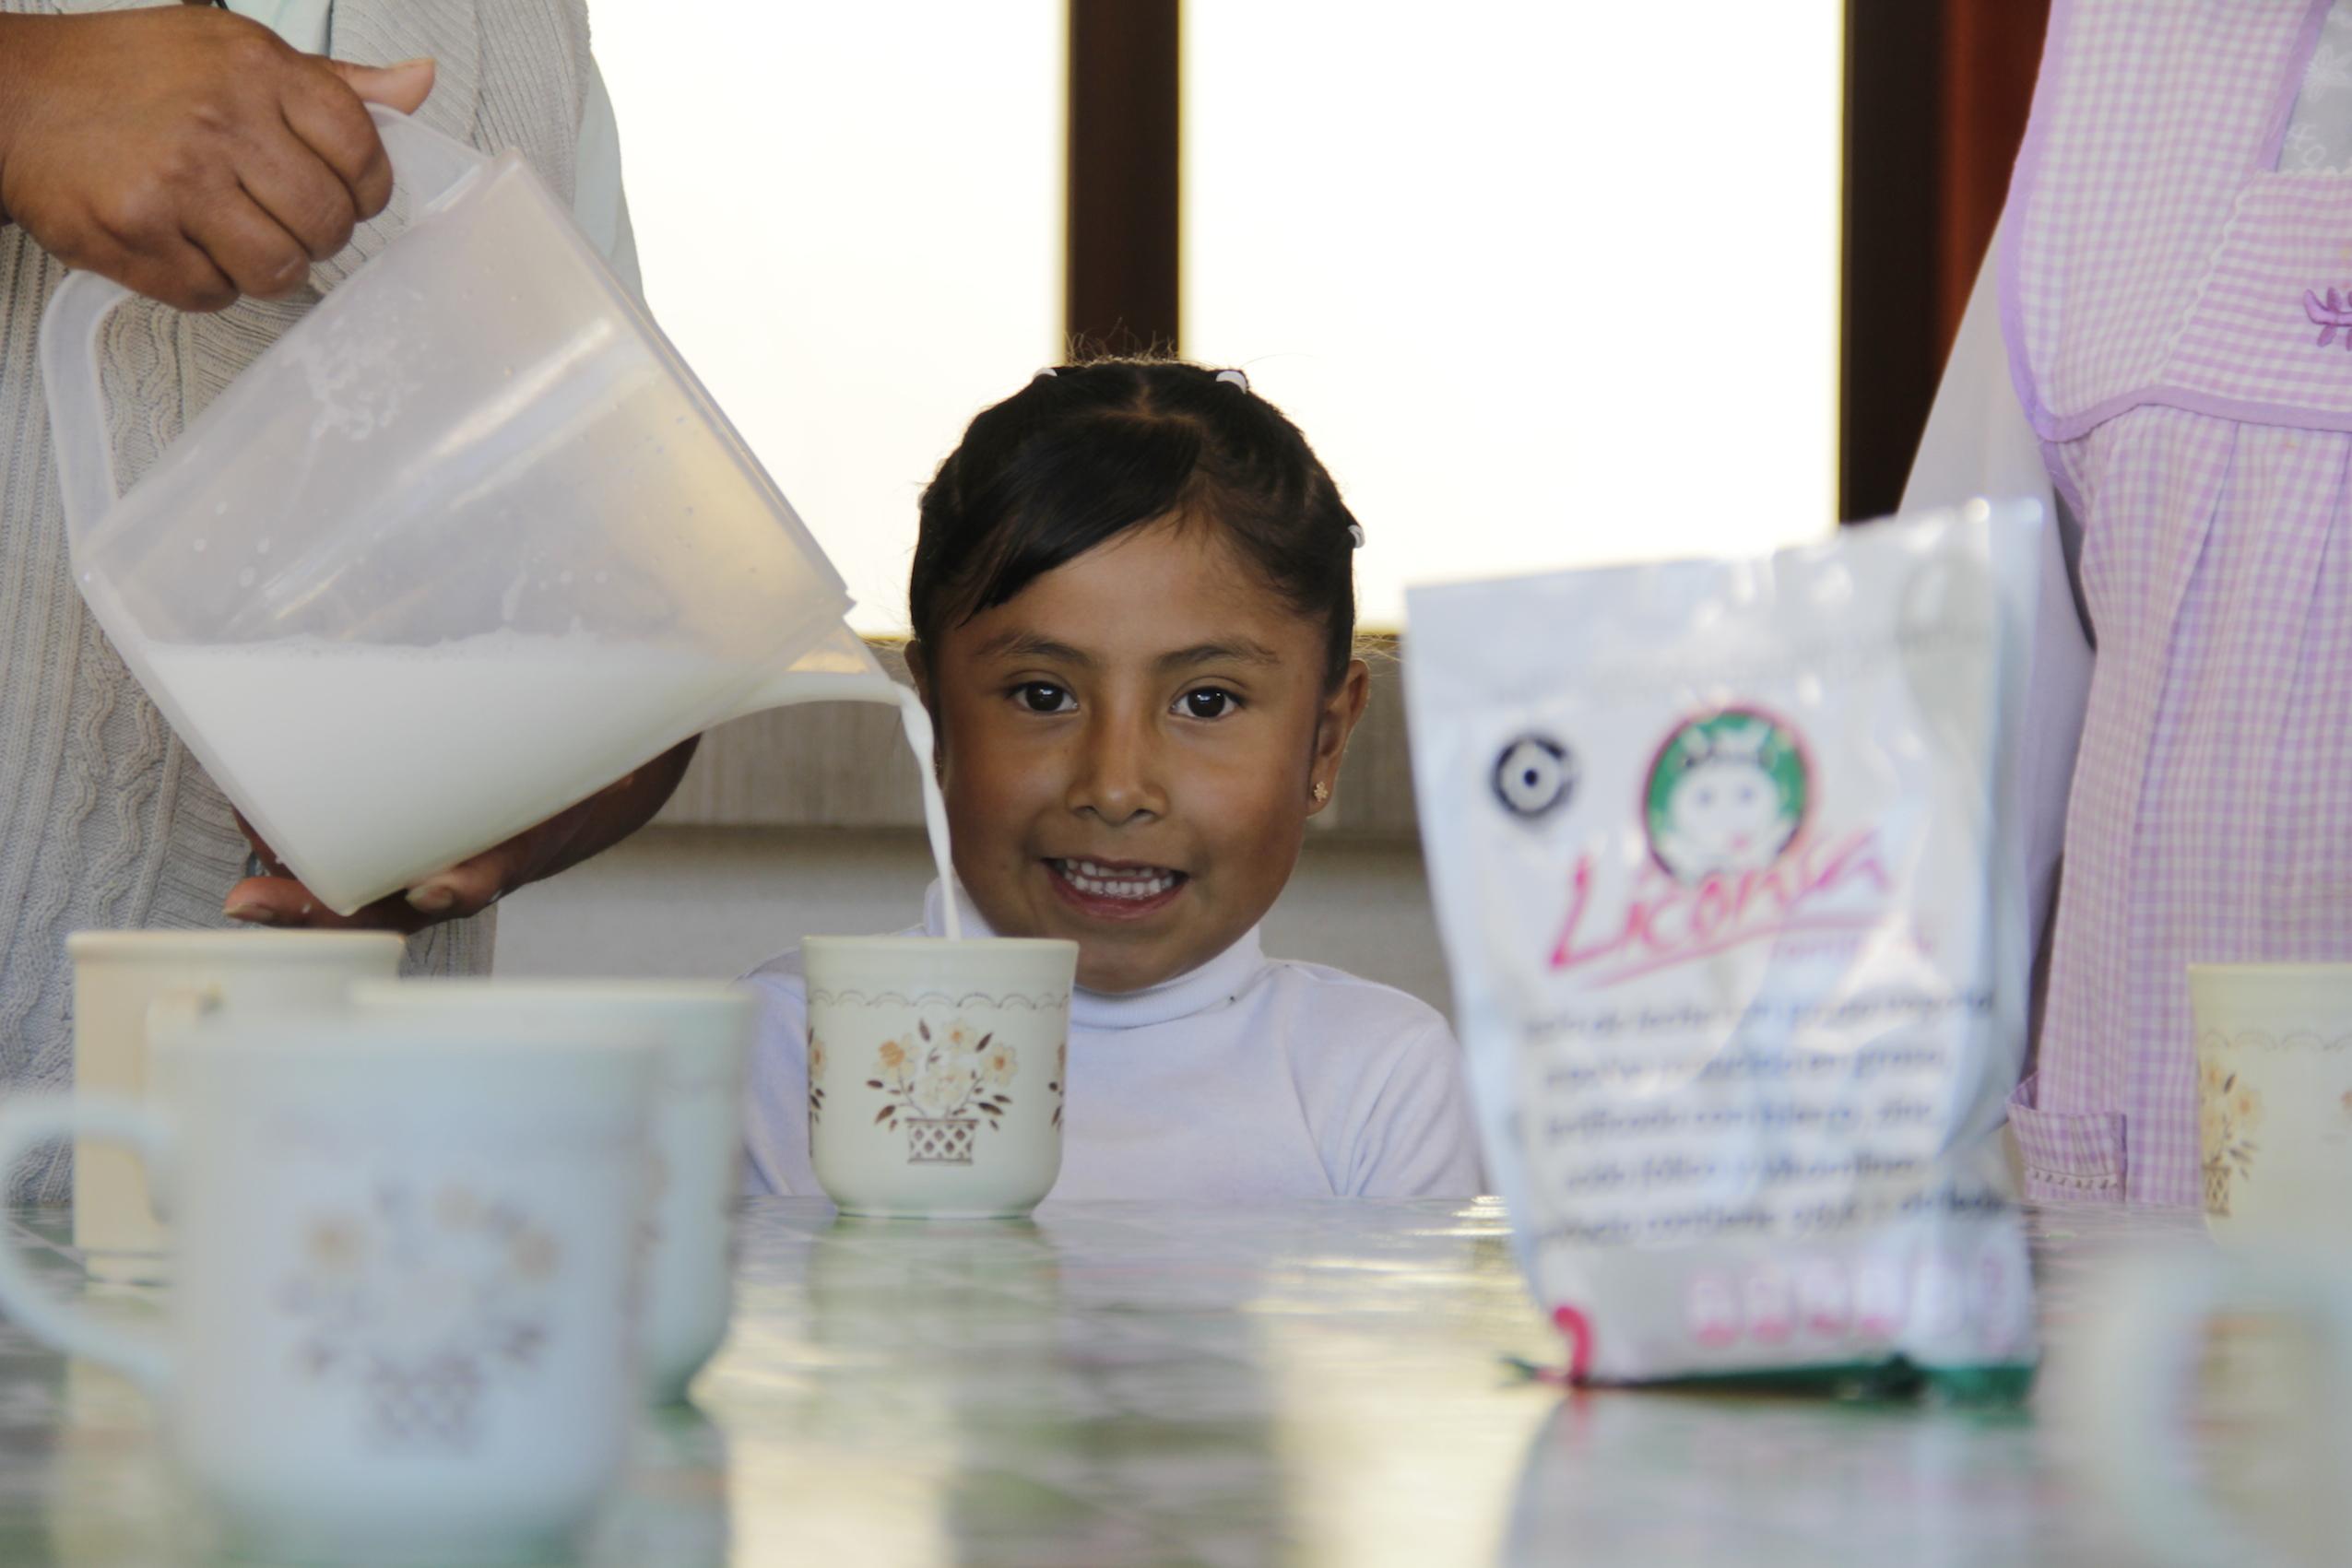 Niña sonriendo mientras alguien le sirve una taza con leche Liconsa